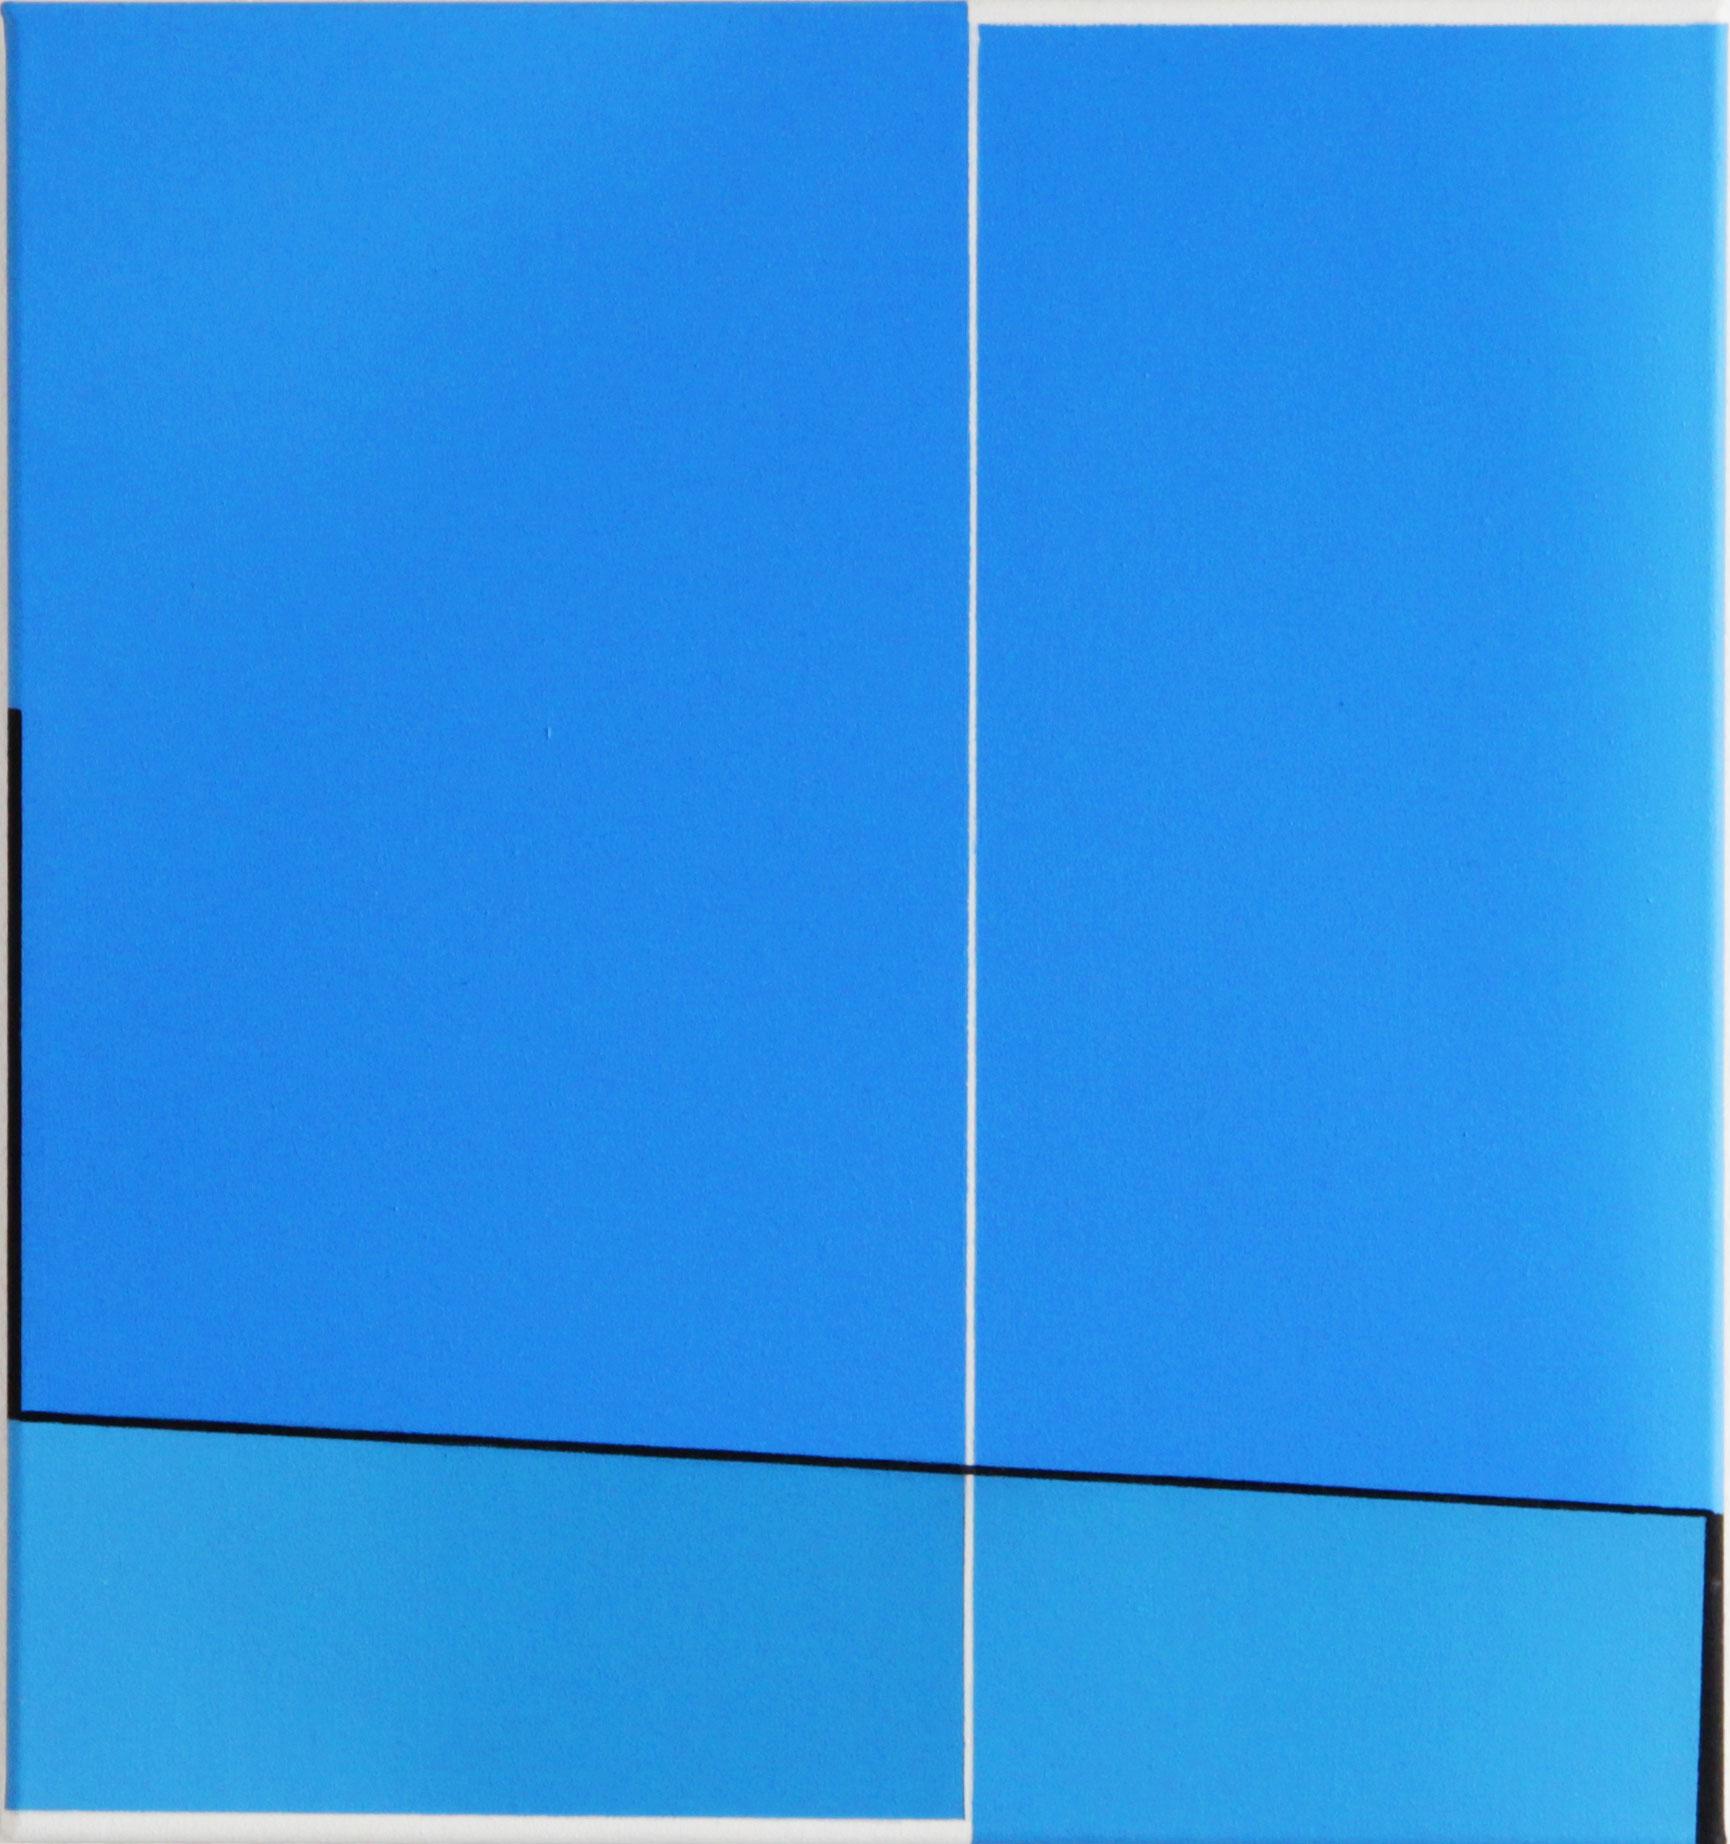 Daniel Hörner, Haken I, 48 x 45 cm, Öl auf Leinwand, 2014